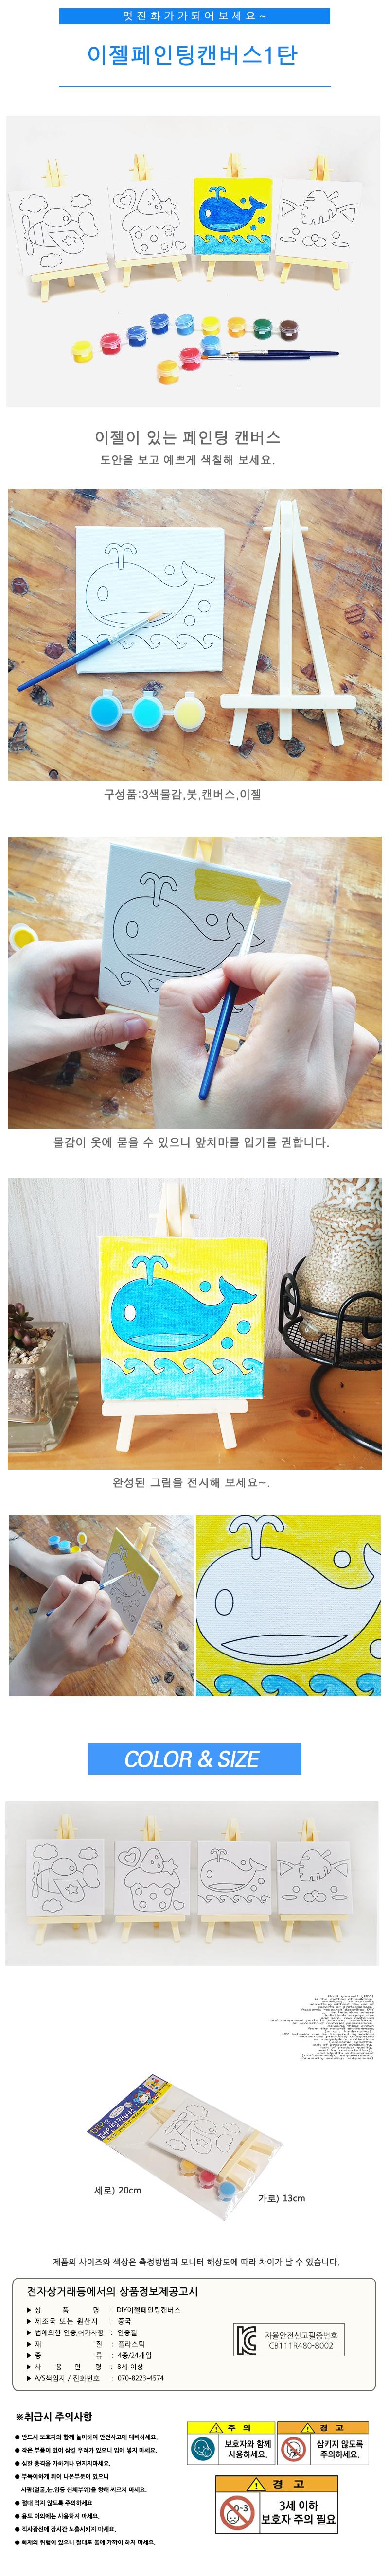 이젤페인팅캔버스1탄 랜덤 - 아토, 1,000원, DIY그리기, 캐릭터 그리기